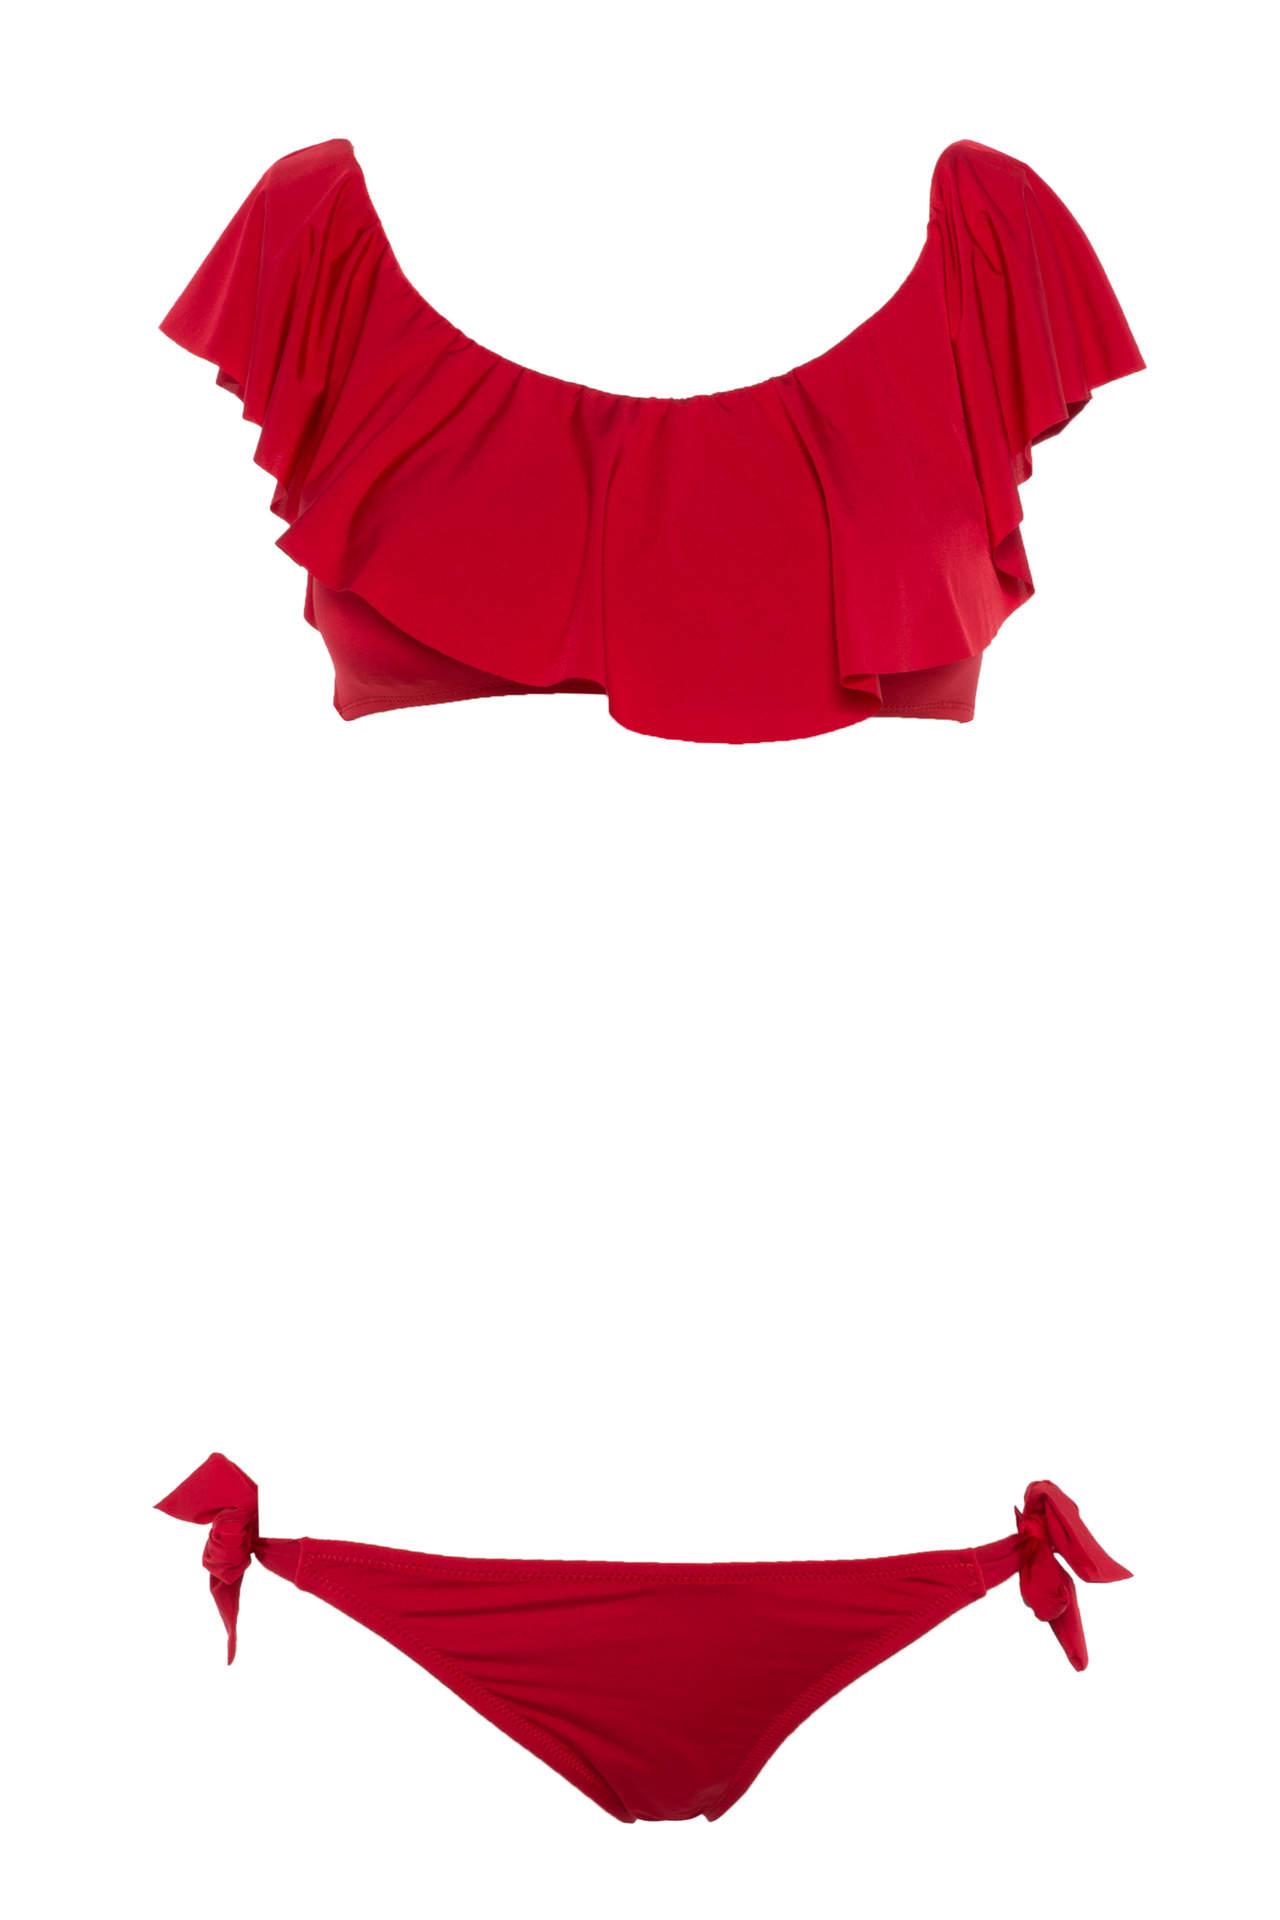 DeFacto Kadın Karmen Yaka Fırfır Detaylı Bikini Takımı Kırmızı female